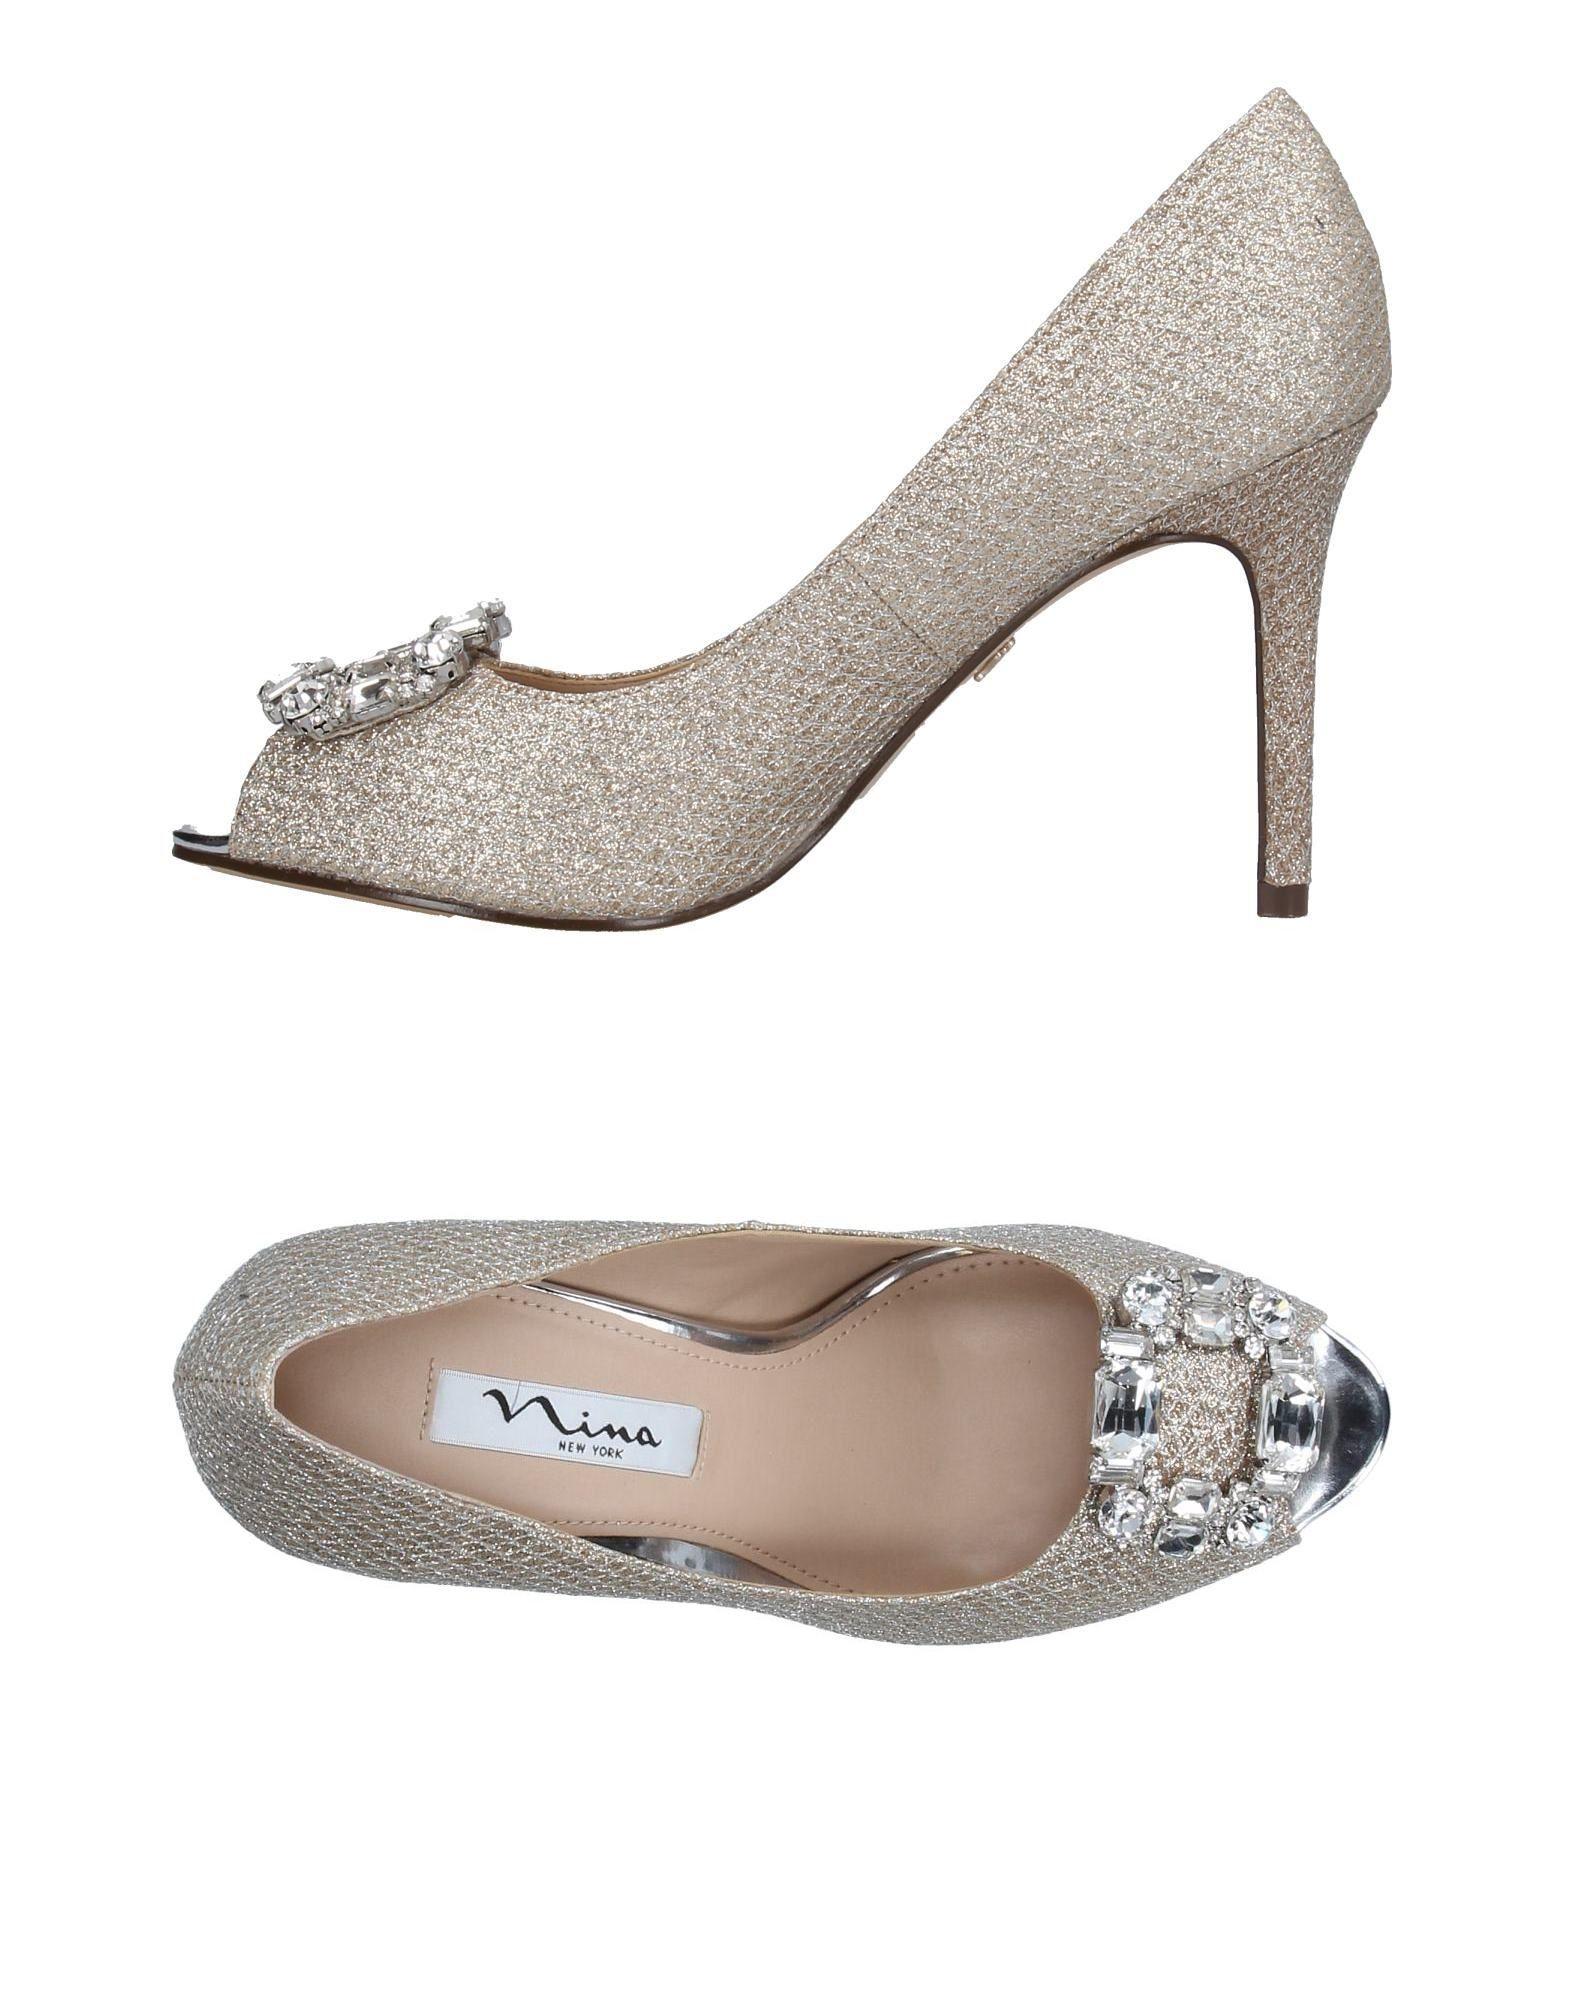 Nina New York Pumps Damen  11255711QH Gute Qualität beliebte Schuhe